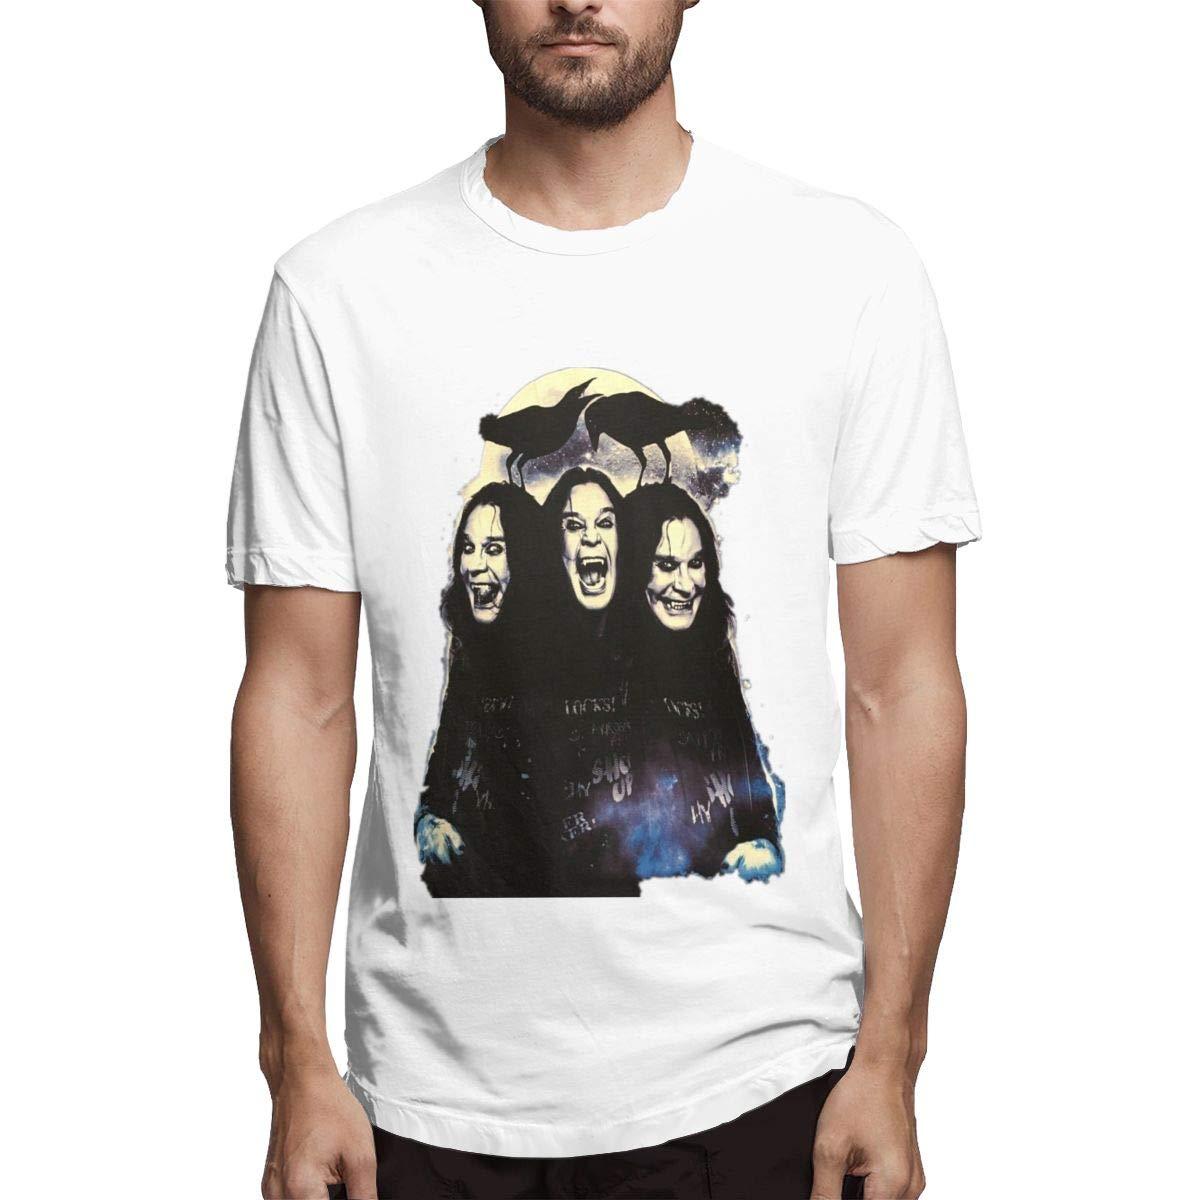 Lihehen Mans Ozzy Osbourne Fashion Leisure Round Neck Tees Shirts